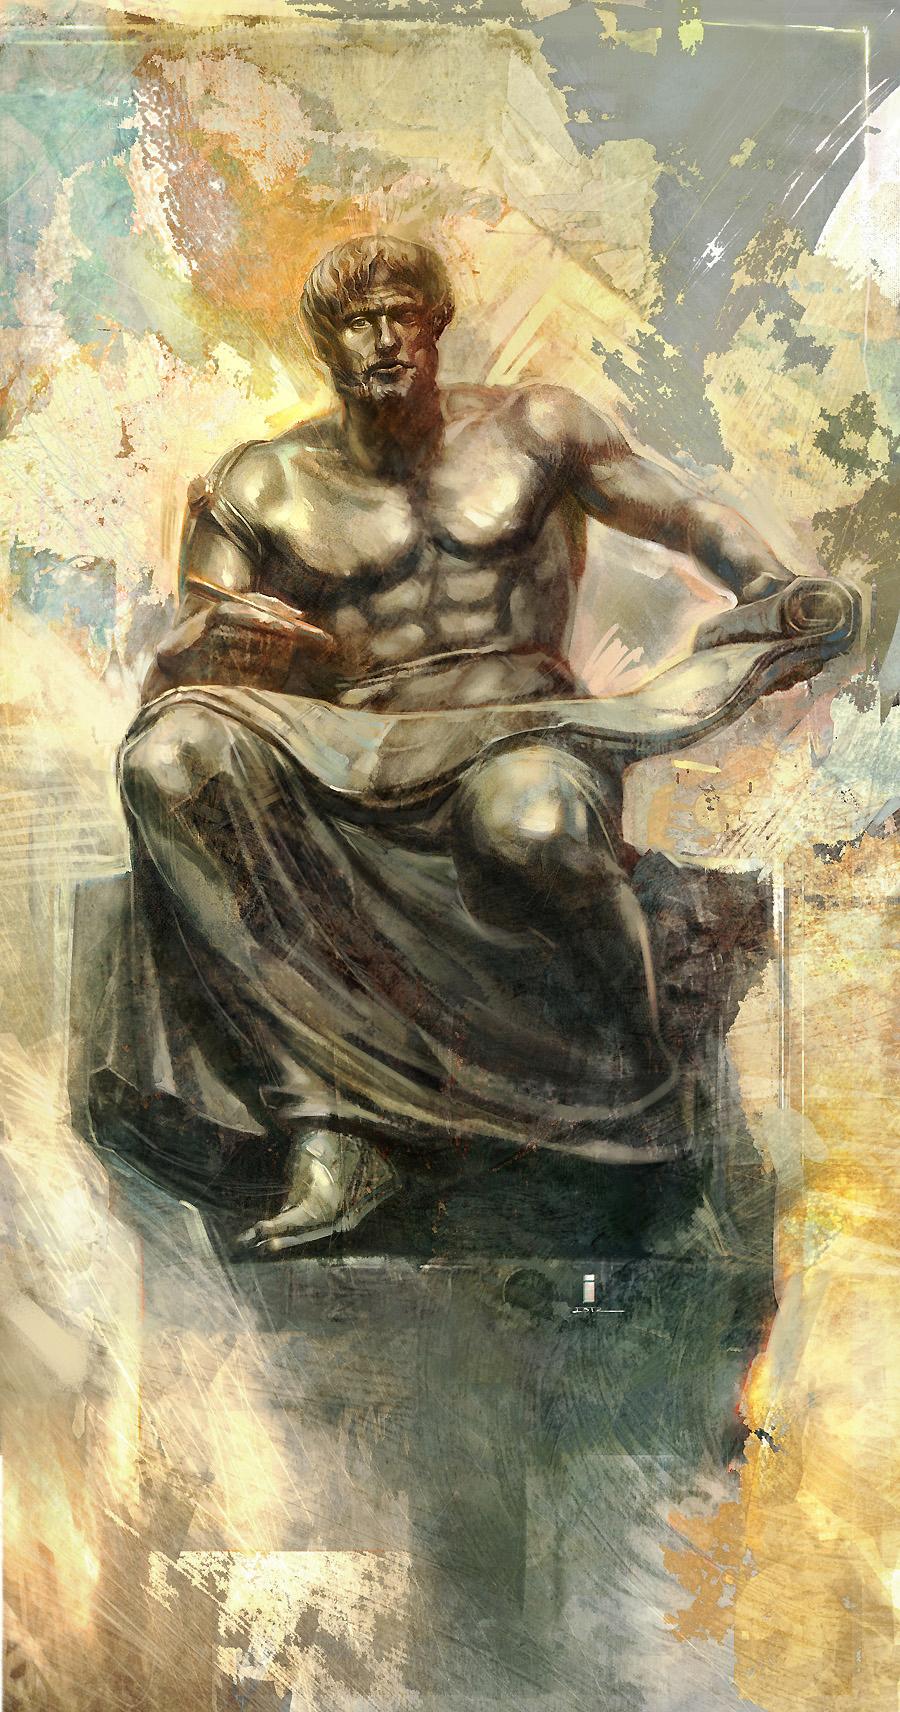 Aristotle by iVANTAO on DeviantArt